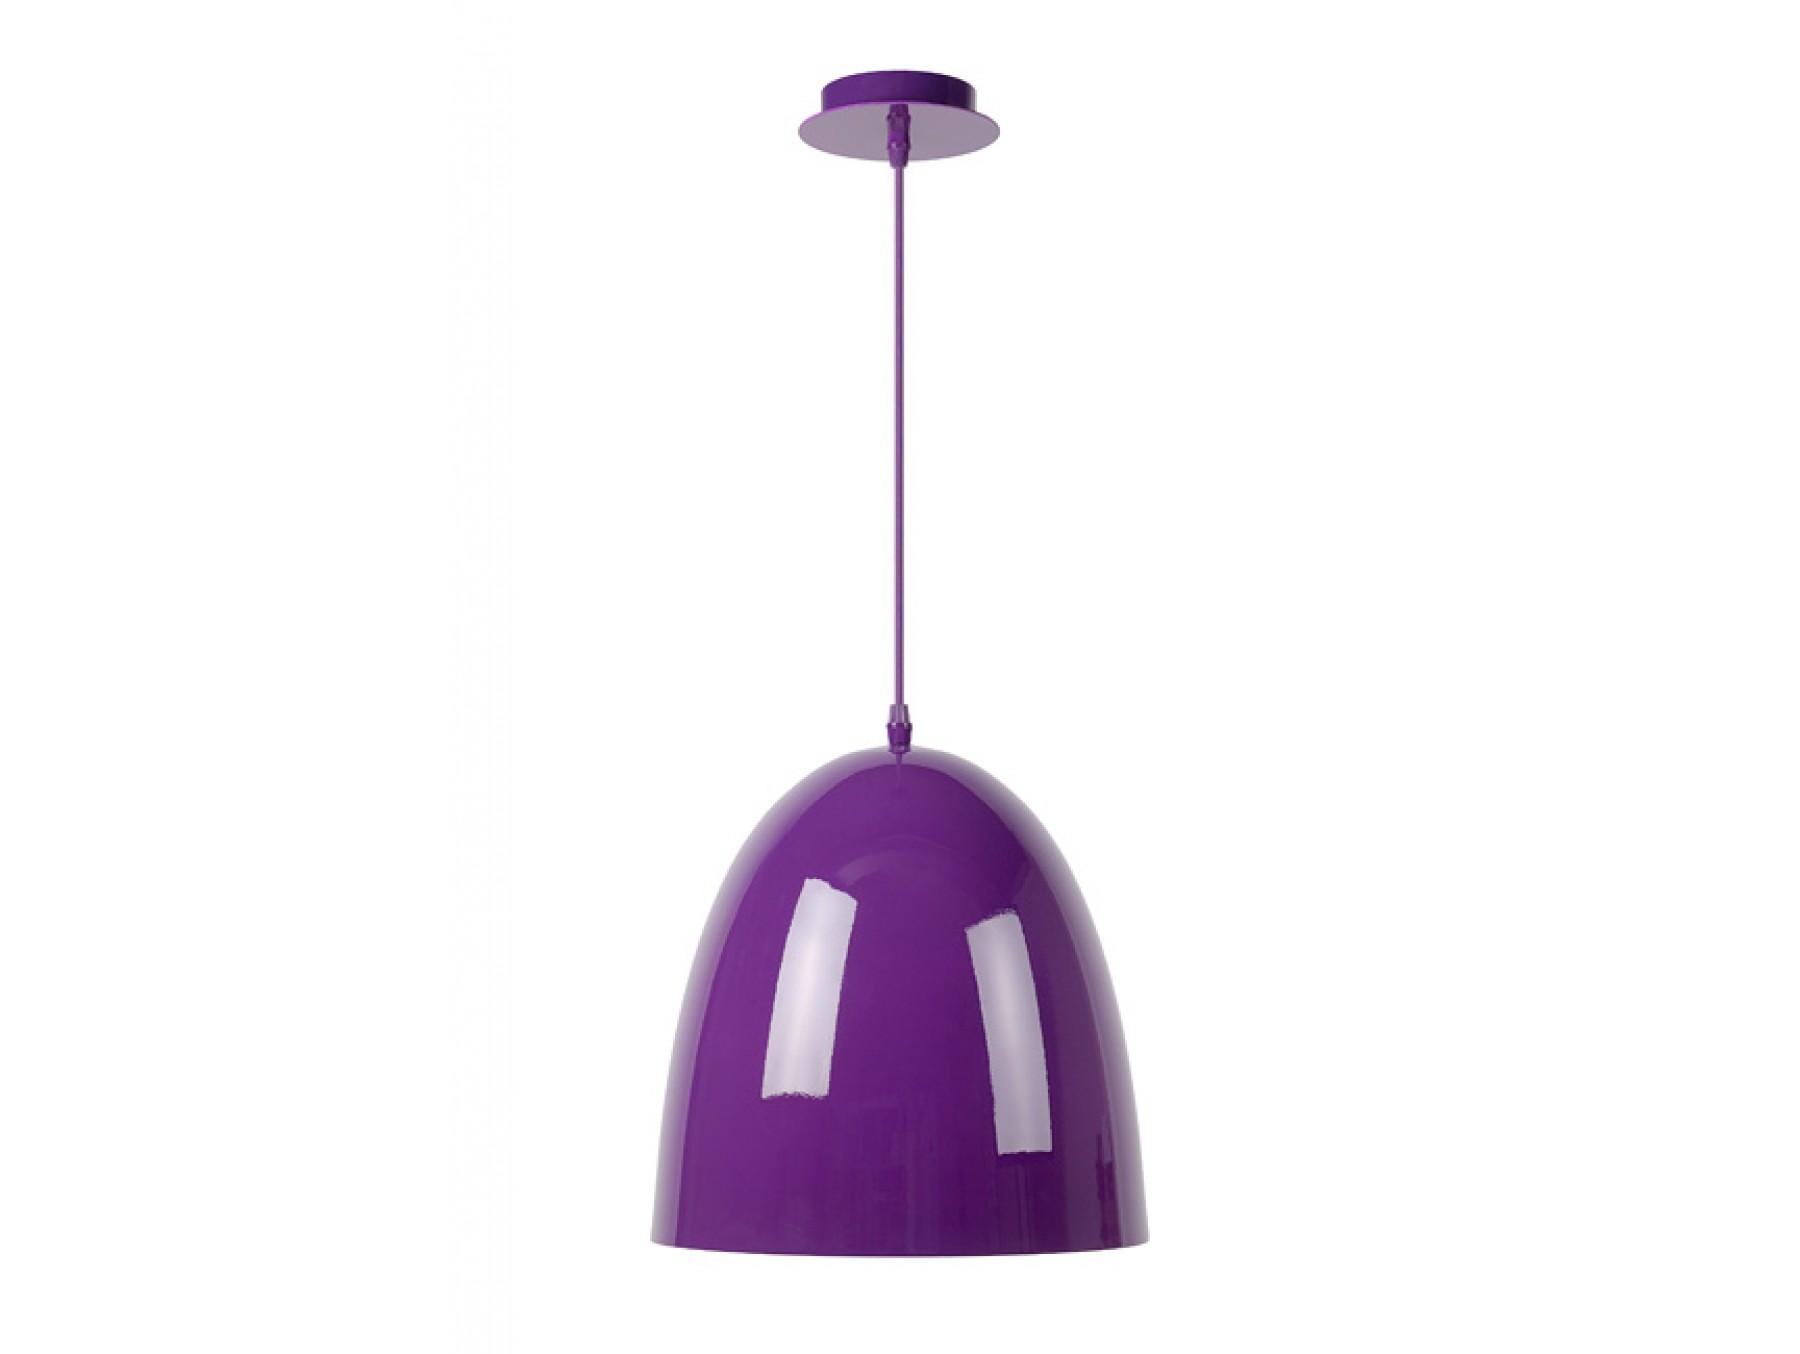 Подвесной светильник LOKOПодвесные светильники<br>основание: металл&amp;lt;div&amp;gt;плафон: металл/фиолетовый&amp;amp;nbsp;&amp;lt;/div&amp;gt;&amp;lt;div&amp;gt;диаметр: 30 см&amp;amp;nbsp;&amp;lt;/div&amp;gt;&amp;lt;div&amp;gt;высота: 120 см&amp;lt;/div&amp;gt;&amp;lt;div&amp;gt;Е27, 60W, 1 лампочка (в комплект не входит)<br>&amp;lt;/div&amp;gt;<br><br>Material: Металл<br>Высота см: 120.0